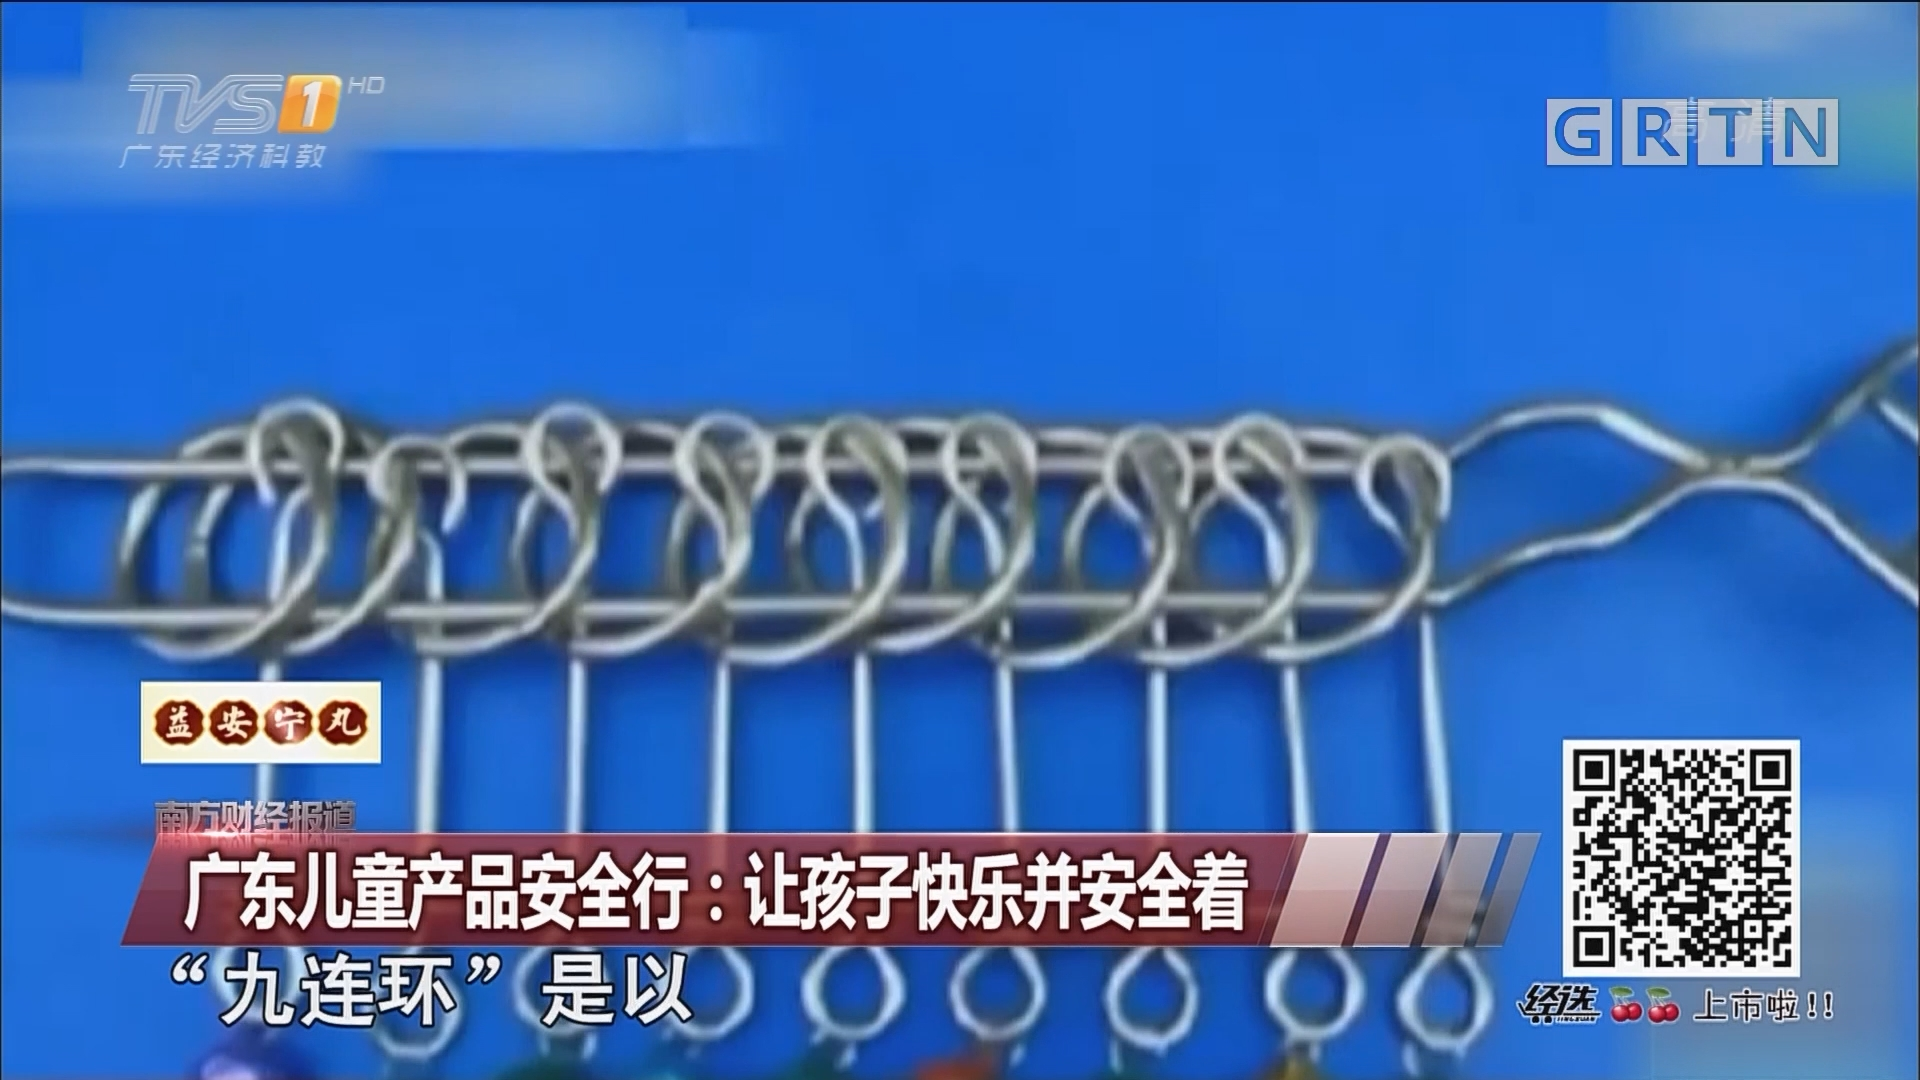 广东儿童产品安全行:让孩子快乐并安全着